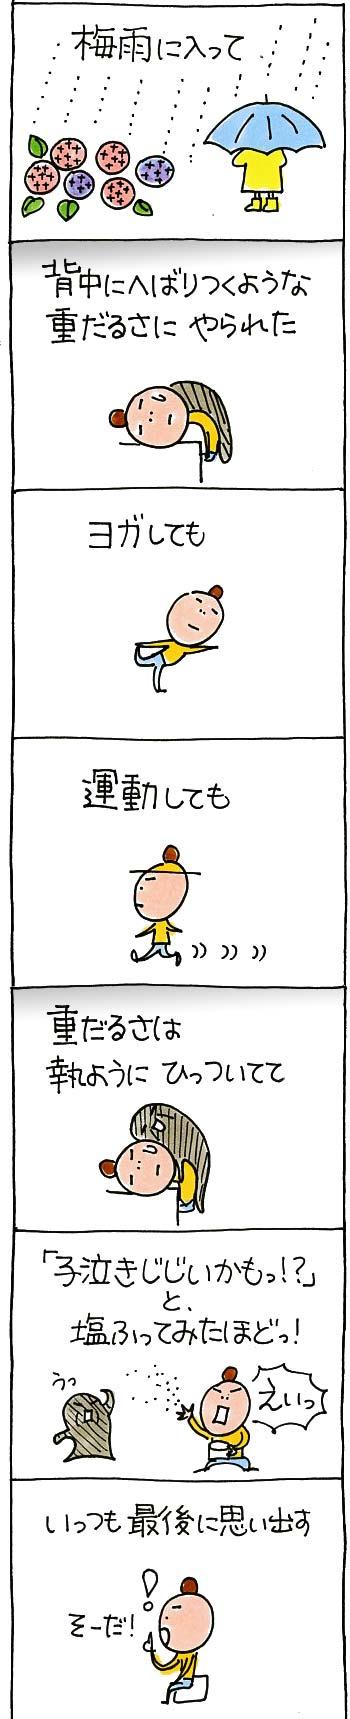 バイオイーザー15-01